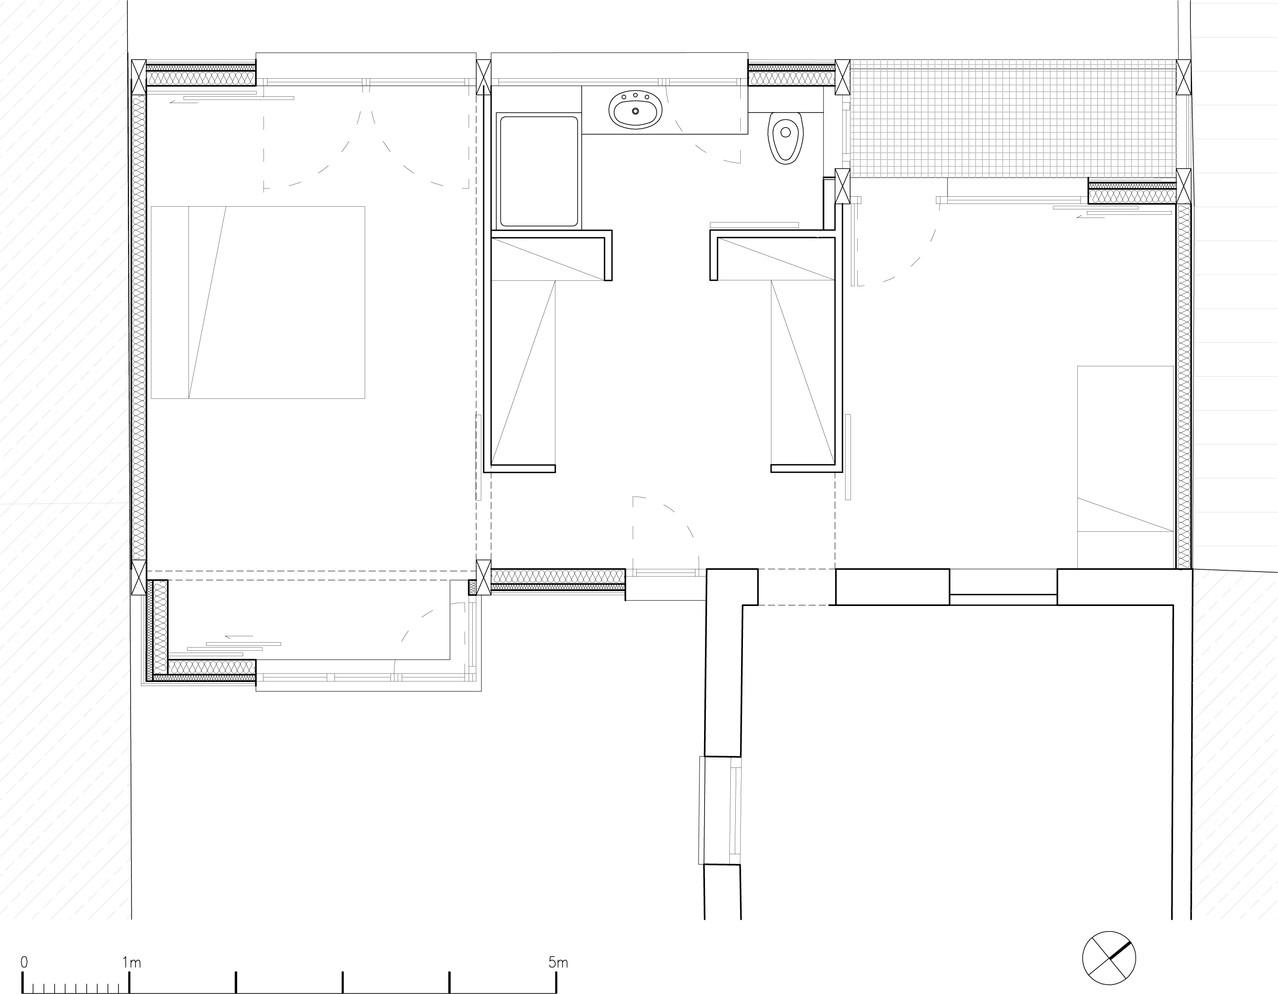 plan de l'étage: 2 chambres, dressing